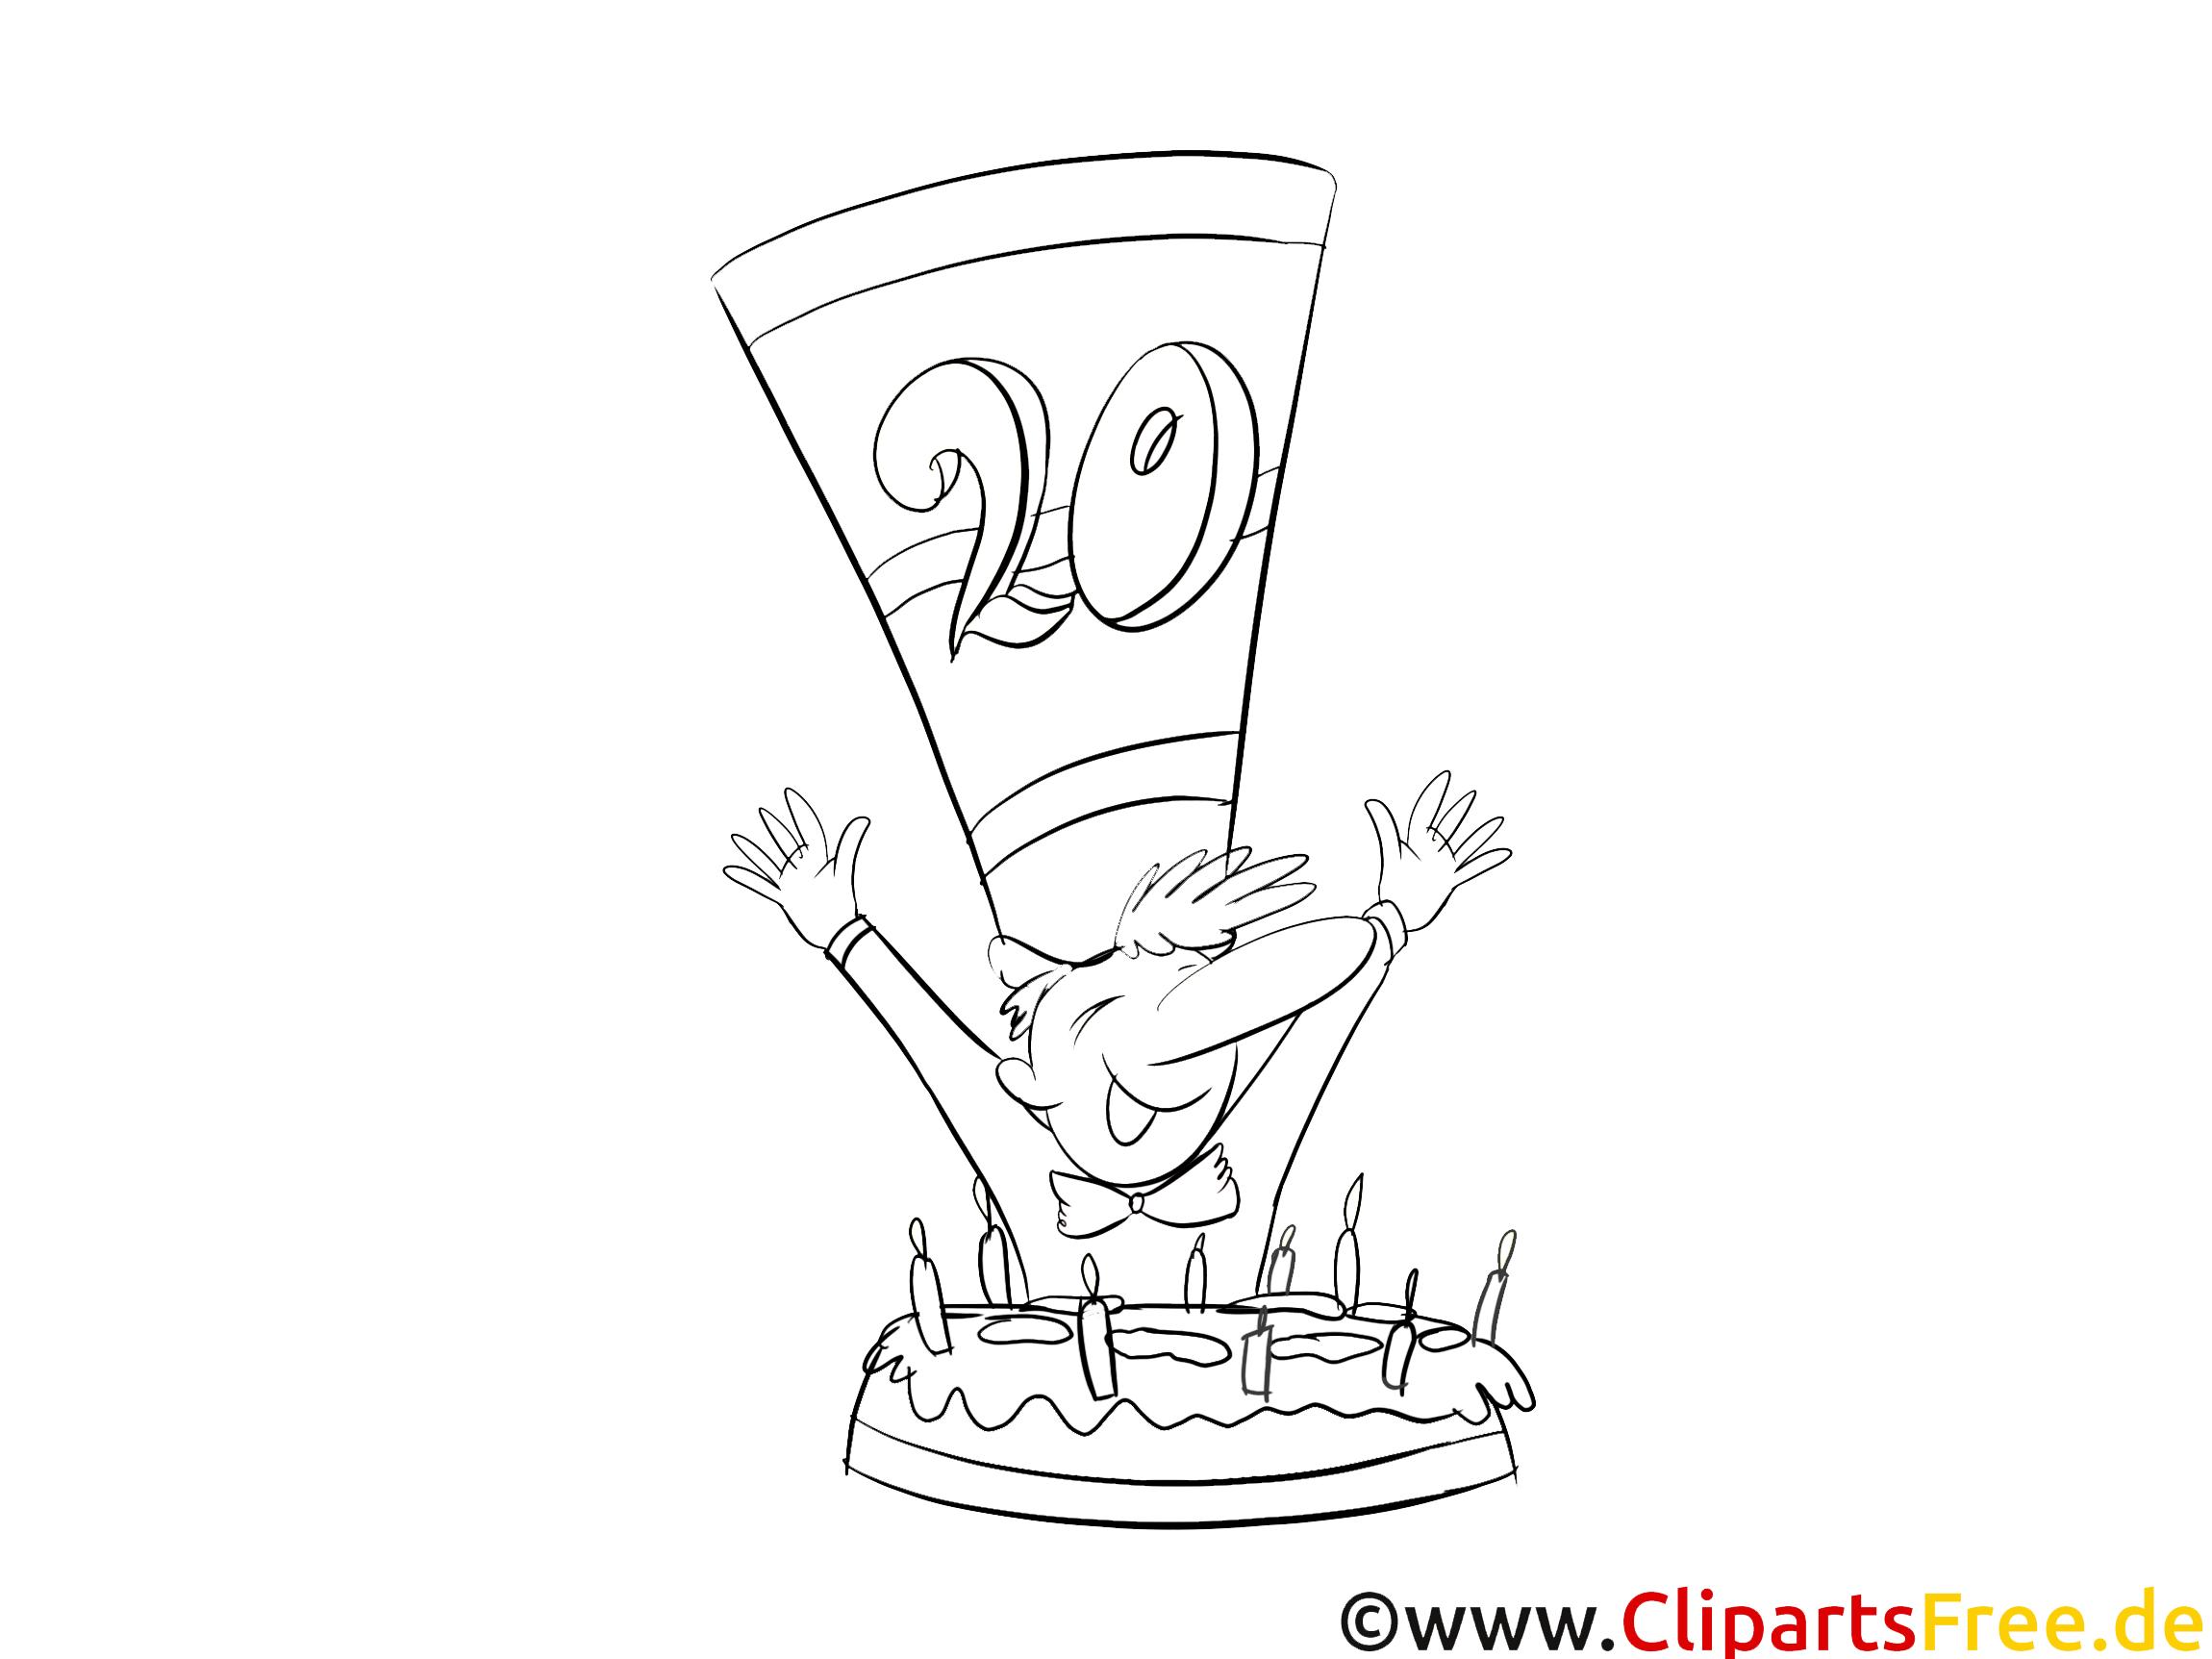 20 ans image coloriage anniversaire illustration anniversaire coloriages gratuit dessin - Dessin anniversaire 20 ans ...